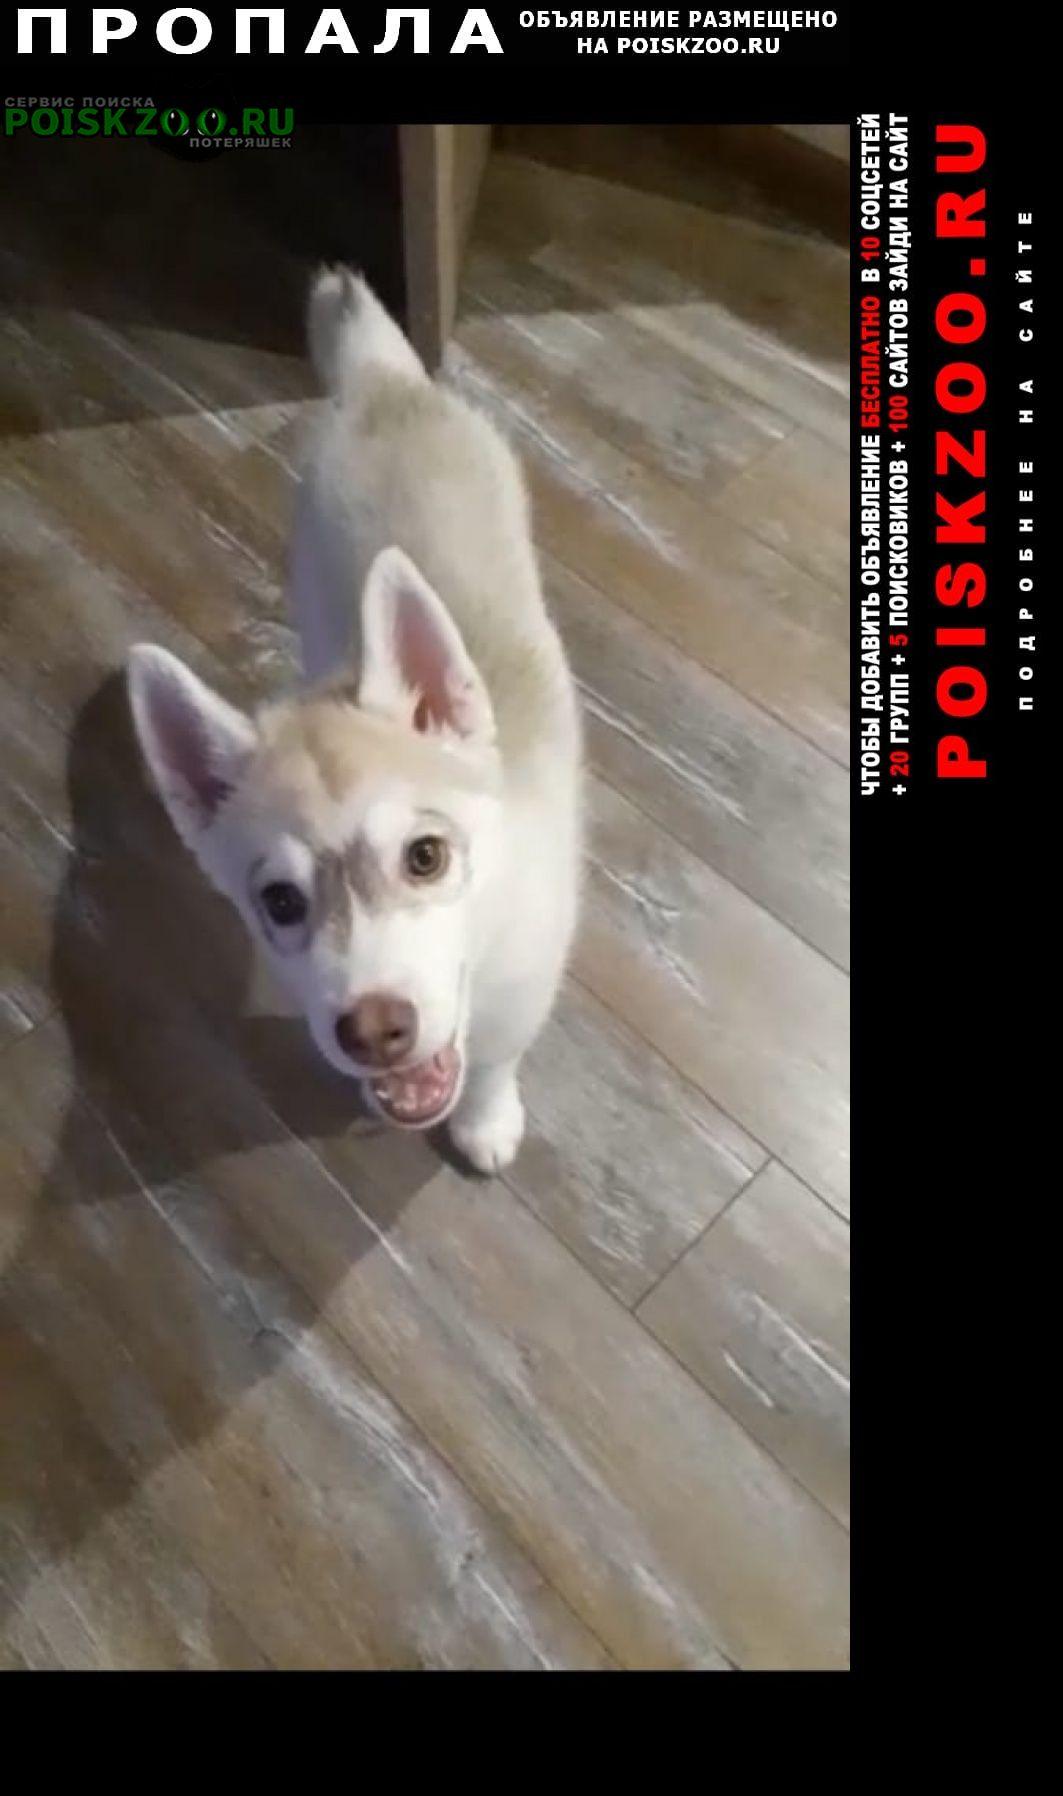 Пушкино Пропала собака украден щенок хаски